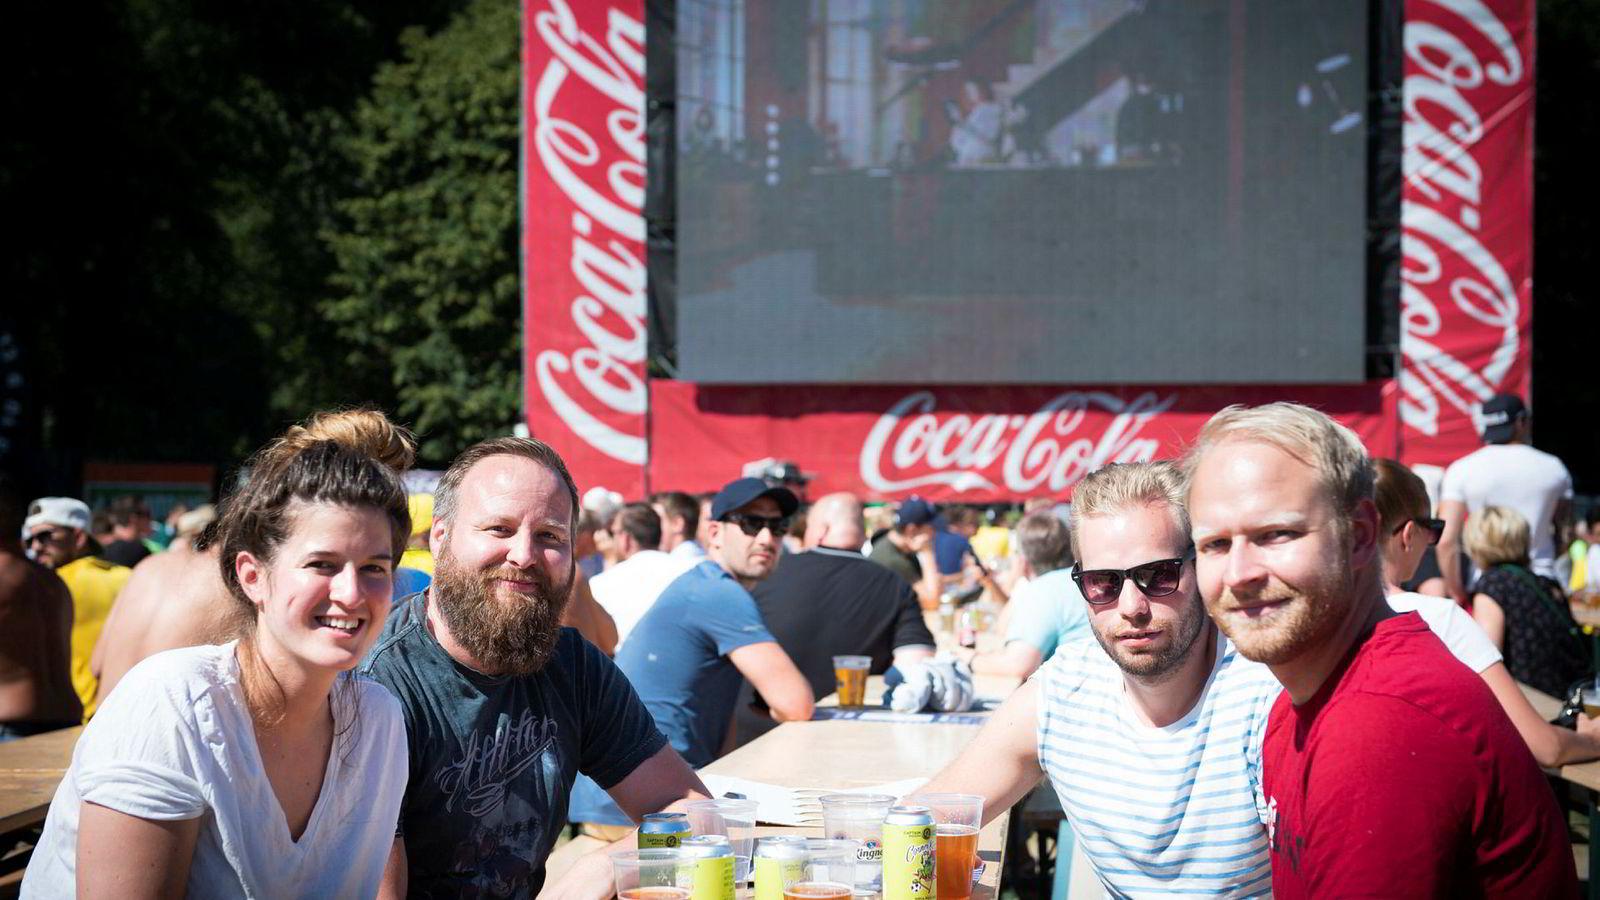 Hege Møller (30, til venstre) og vennene Jon Anders Blom (40) og Tom Erik Olsen (32) og Gustav Jensen (32) ser sjelden lineær-tv, men gjorde et unntak mandag for å få med seg VM-kampen mellom Brasil og Mexico på Kontraskjæret i Oslo.